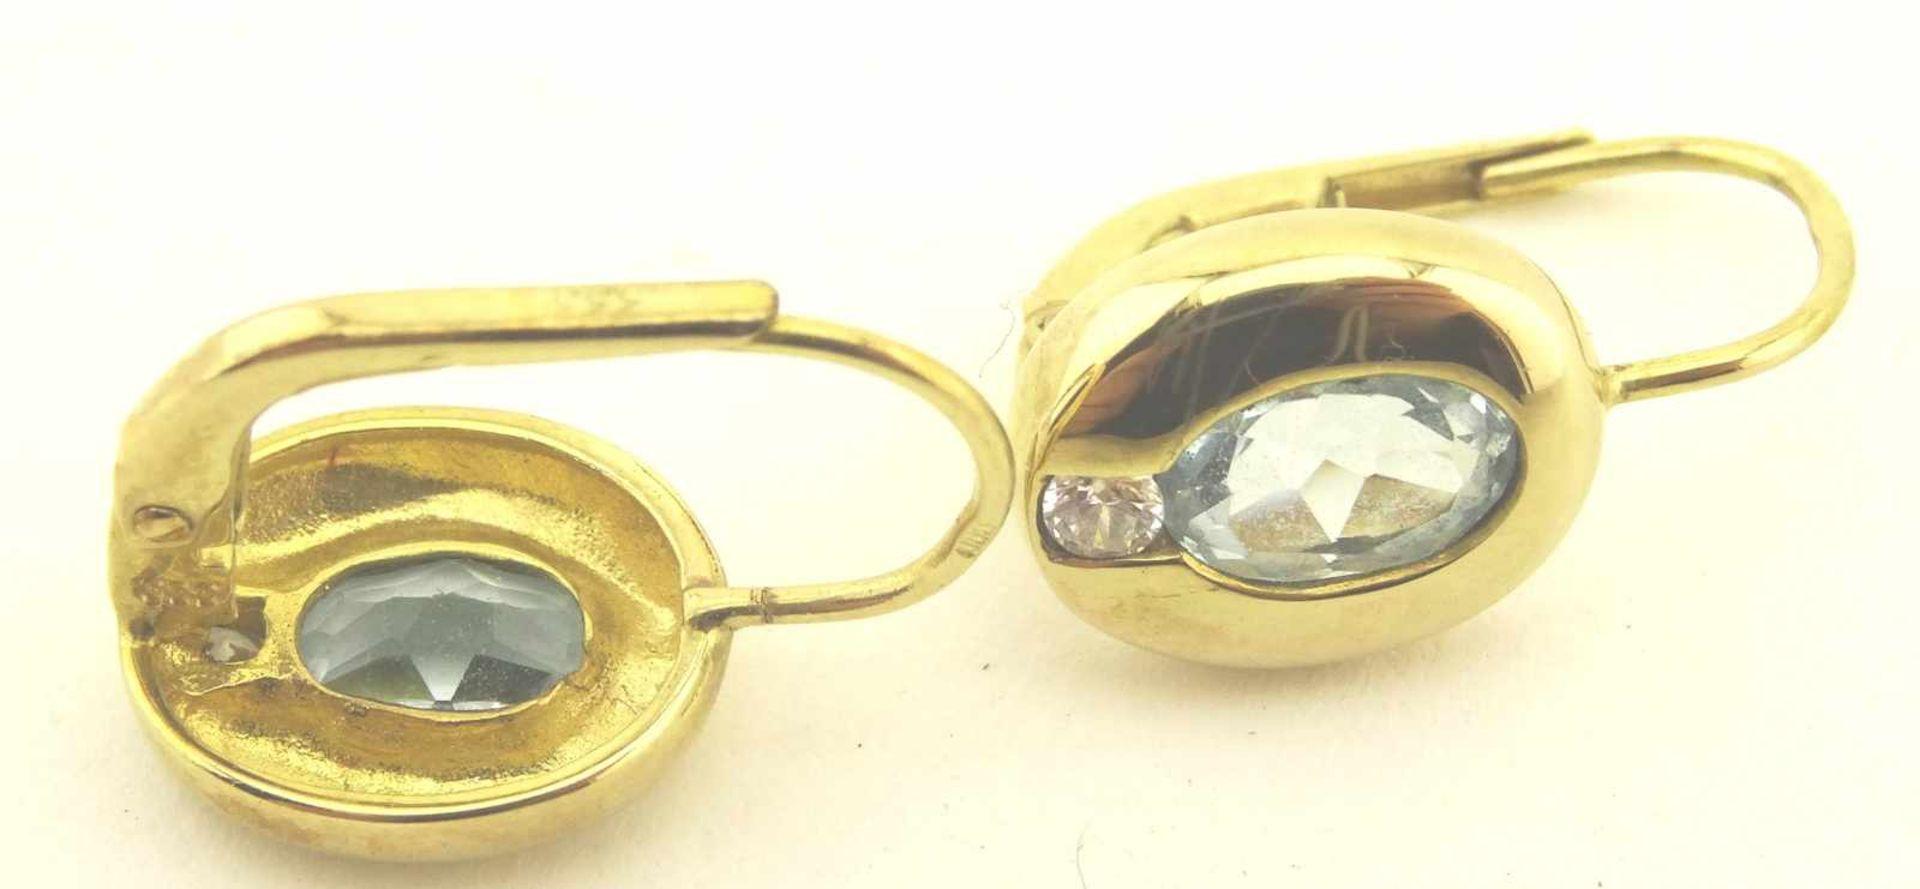 Los 42 - Ohrbuttons 333 Gold mit blauem und weißen Stein, Länge ca. 16mm, Gewicht ges. ca. 1,9g